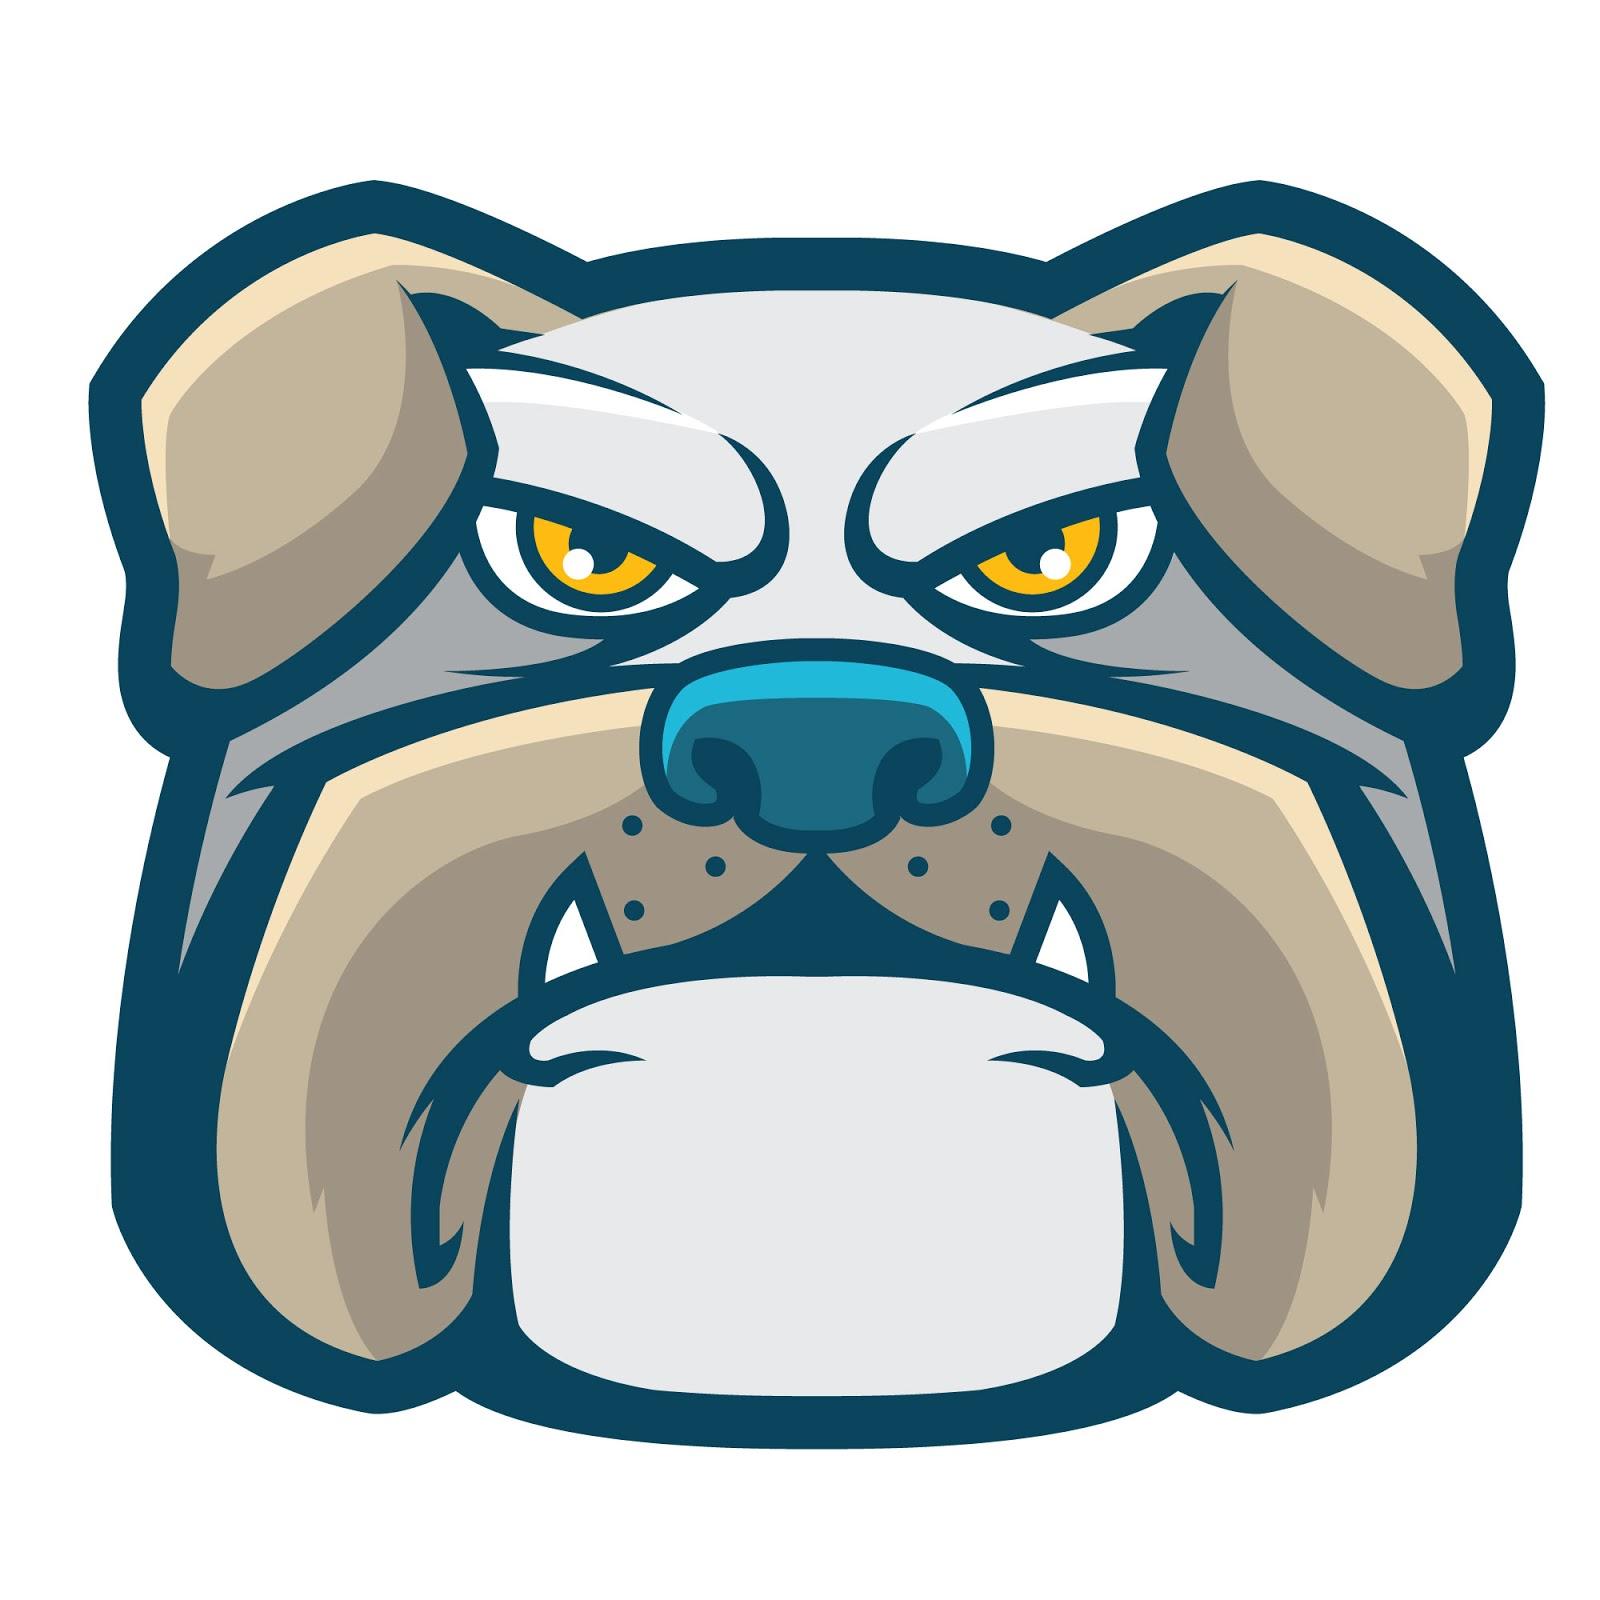 Bulldog Logo Free Download Vector CDR, AI, EPS and PNG Formats